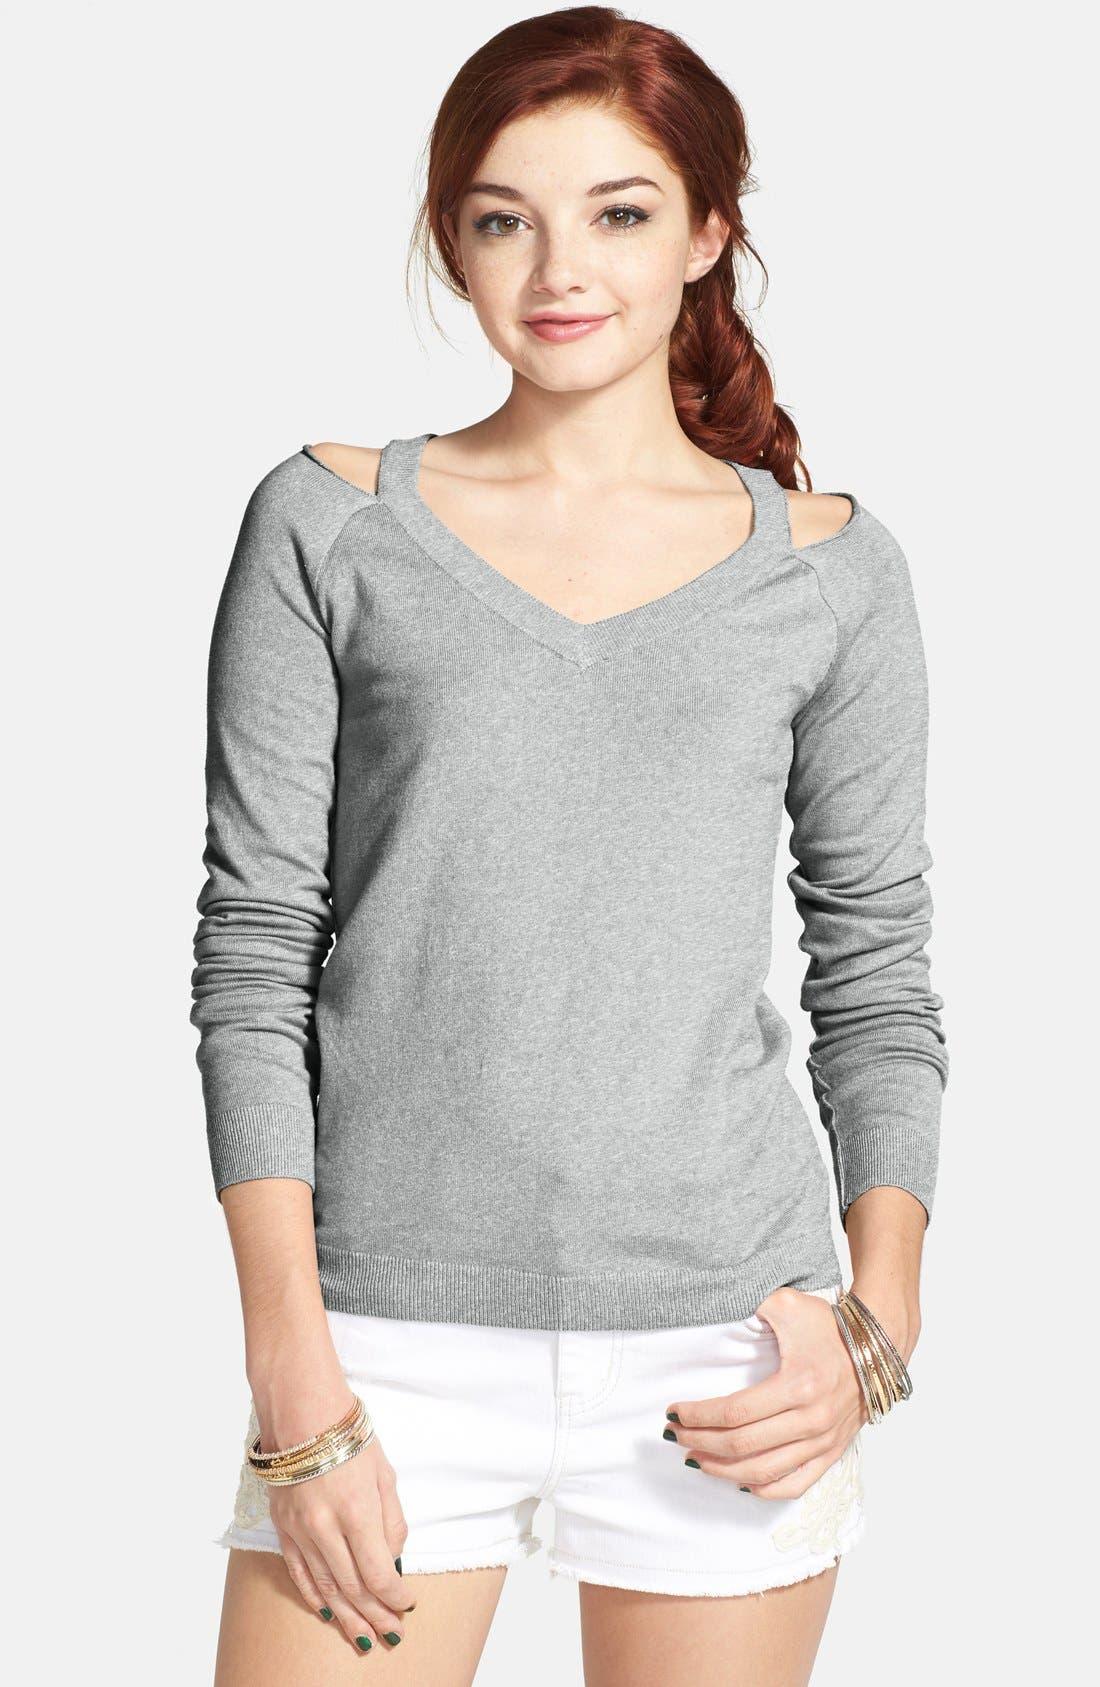 Alternate Image 1 Selected - BP. Cold Shoulder V-Neck Pullover (Juniors)